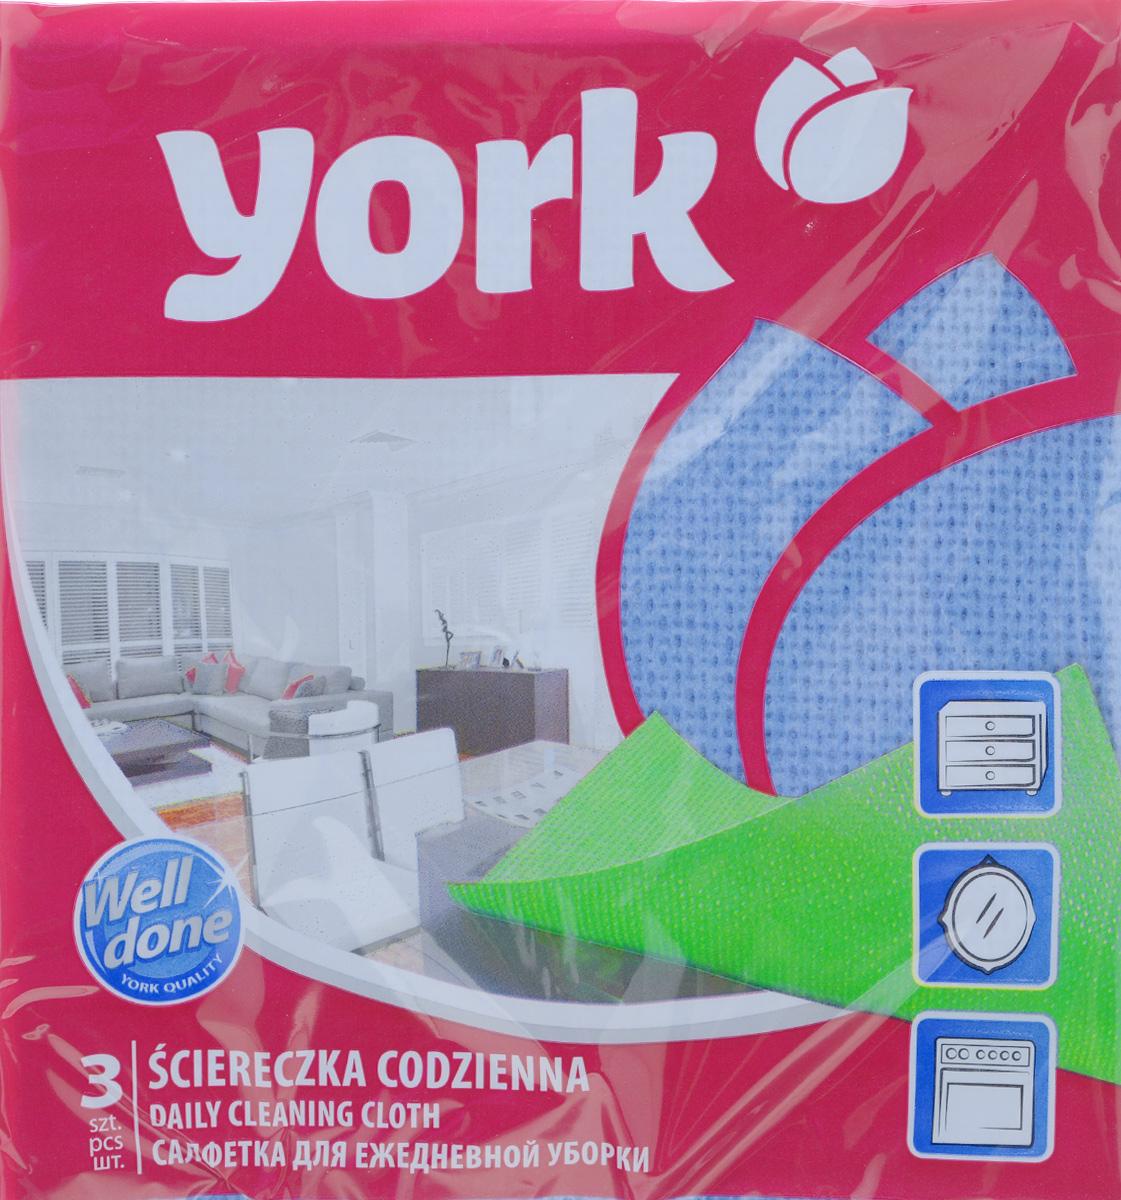 Салфетка хозяйственная York, перфорированная, 34 см х 35 см, 3 шт2003_желтыйСалфетка York предназначена для очистки любых поверхностей. Выполнена из высококачественной вискозы. Шелковистая на ощупь салфетка имеет отличные влаговпитывающие свойства.